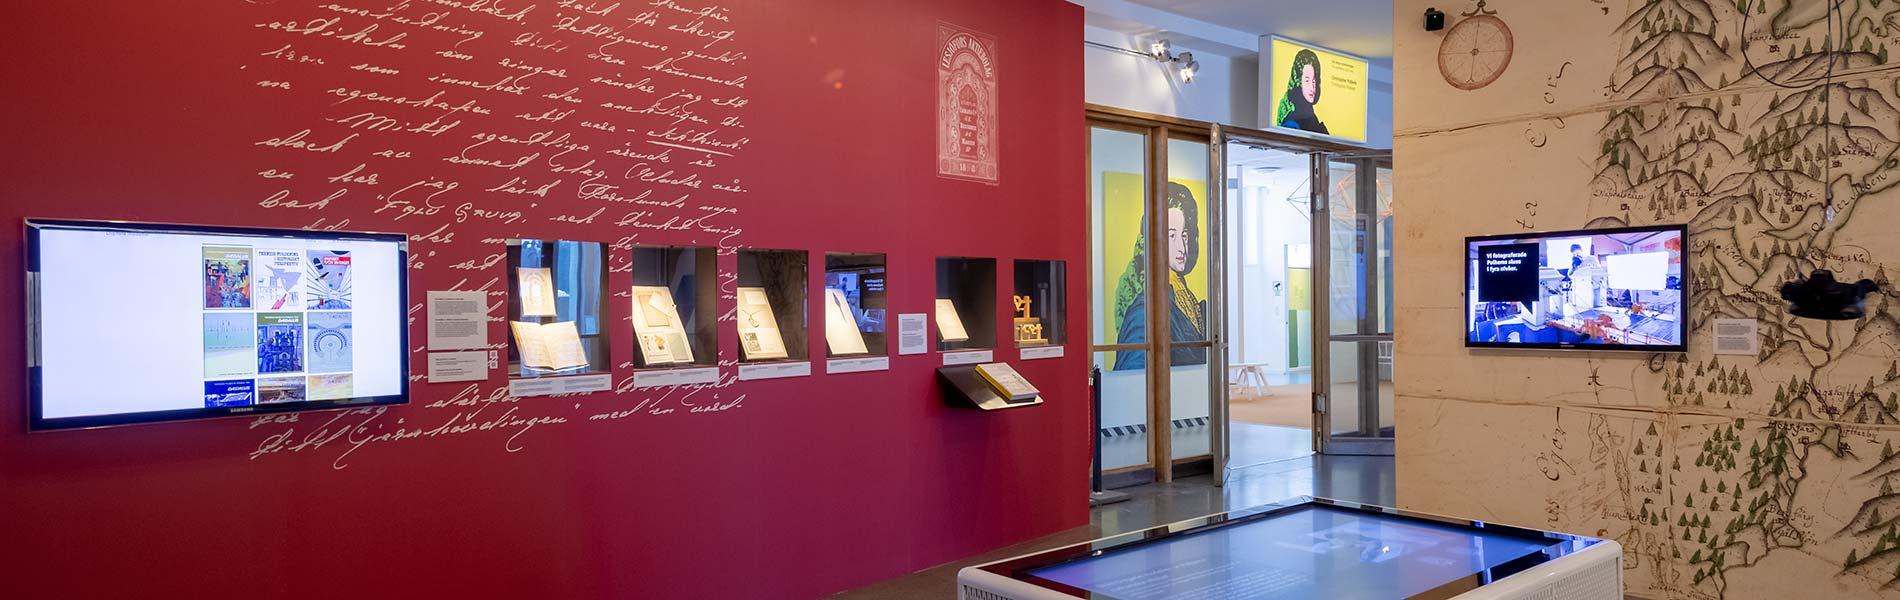 3D-visualiseringsbord i mitten av utställningen